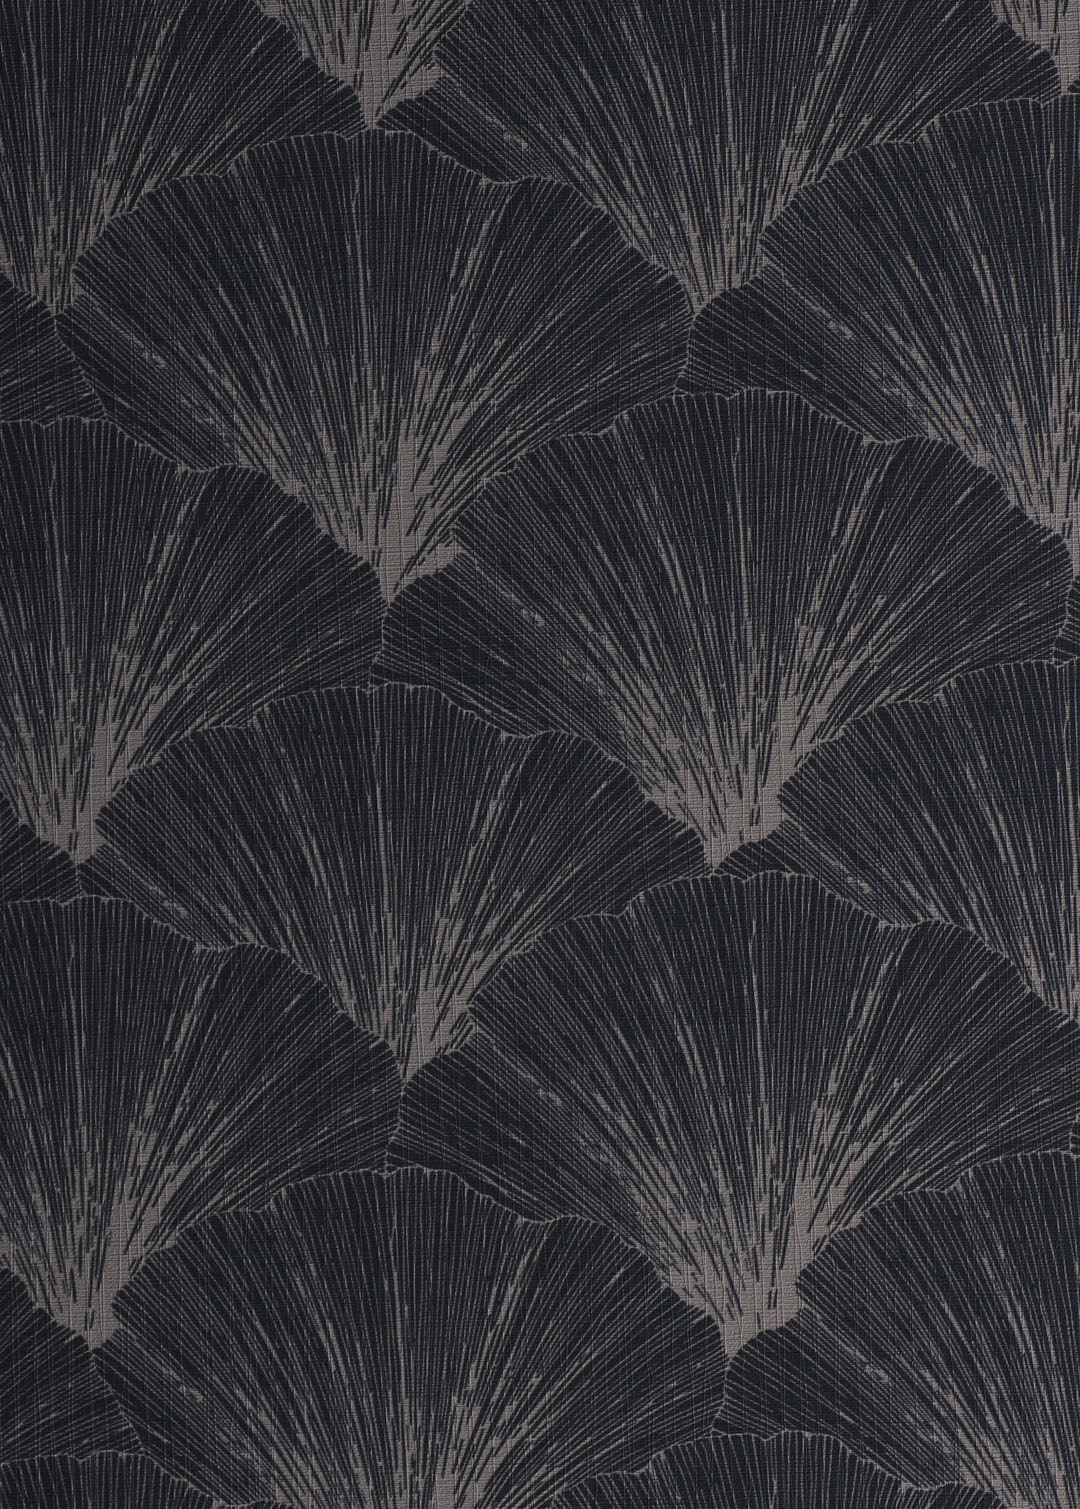 Divine Darkness Rug Society Vanilla Black Wallpaper